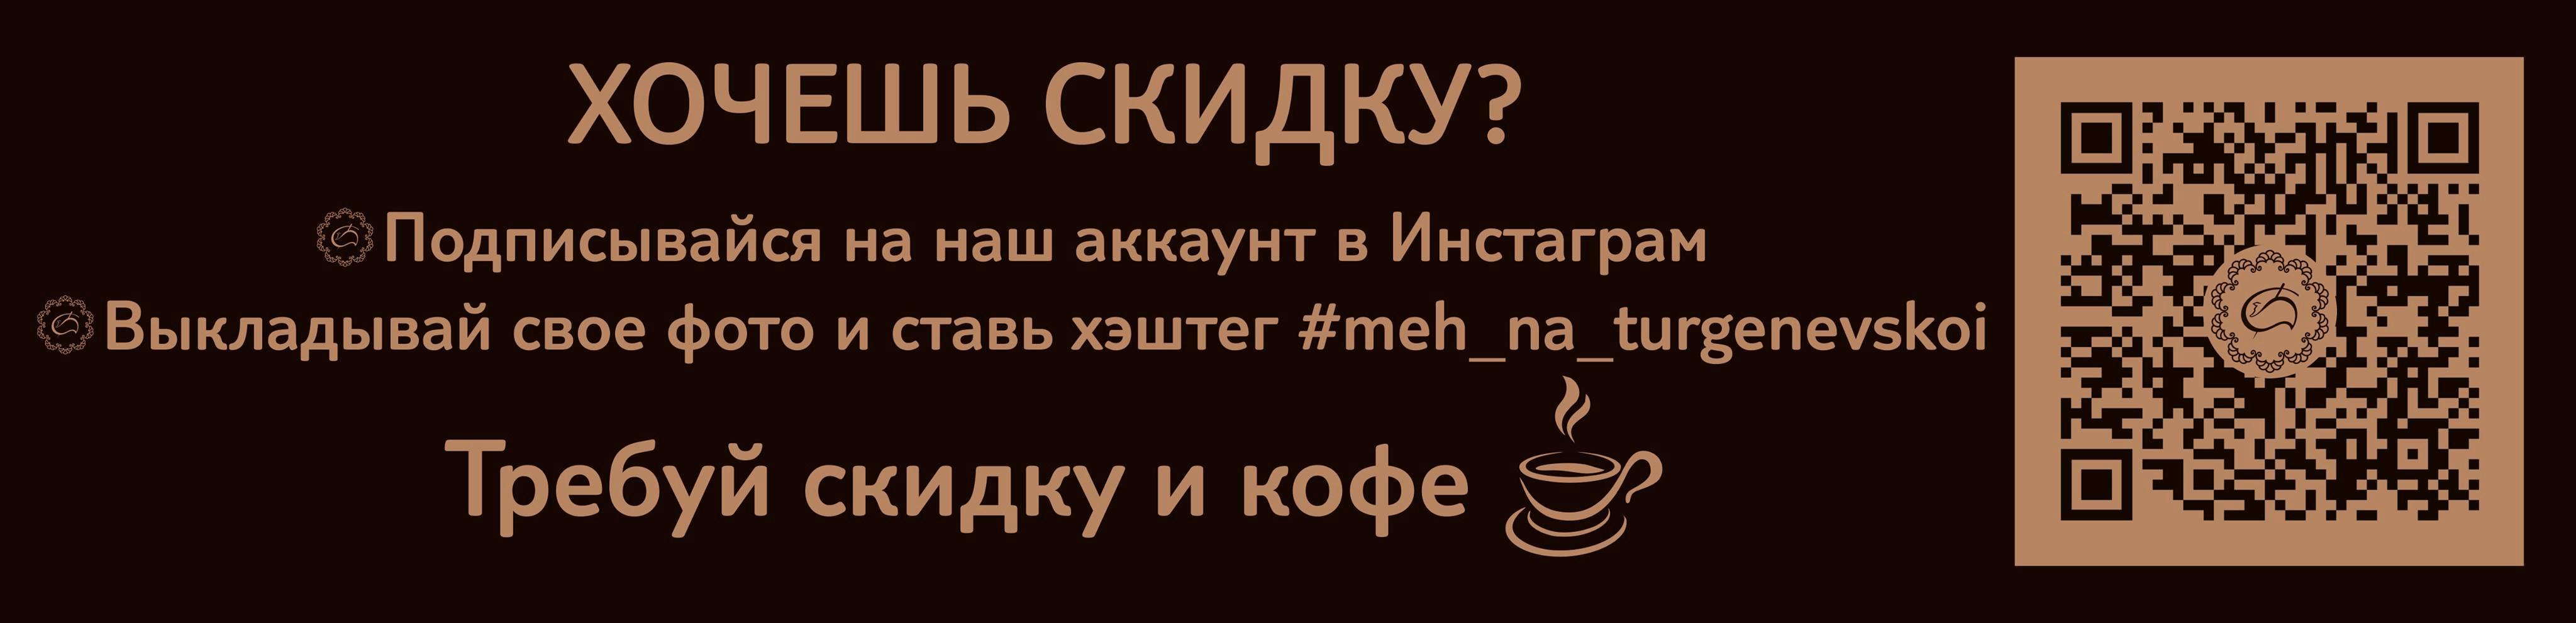 СКИДОЧНЫЙ КУПОН